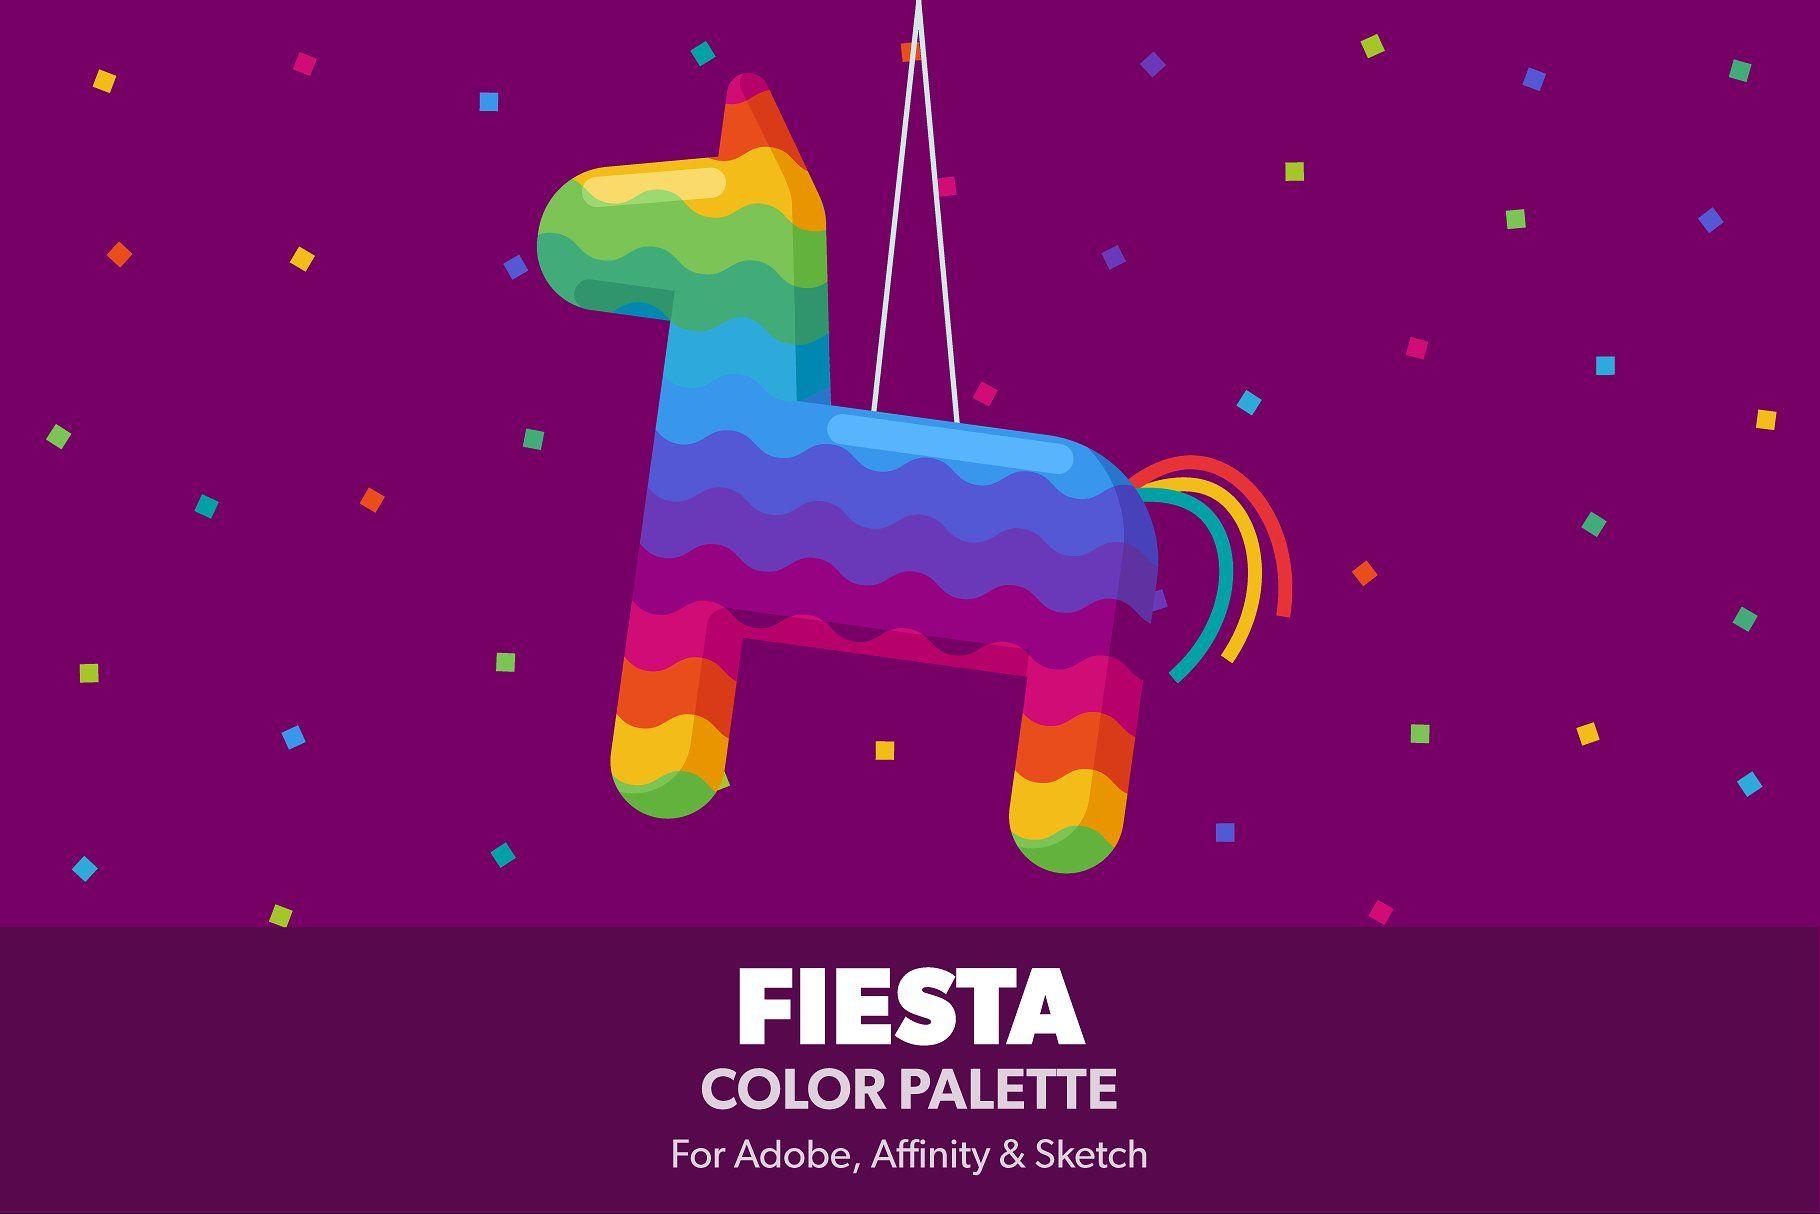 Fiesta Color Palette Illustrator Indesign Photoshop Variants